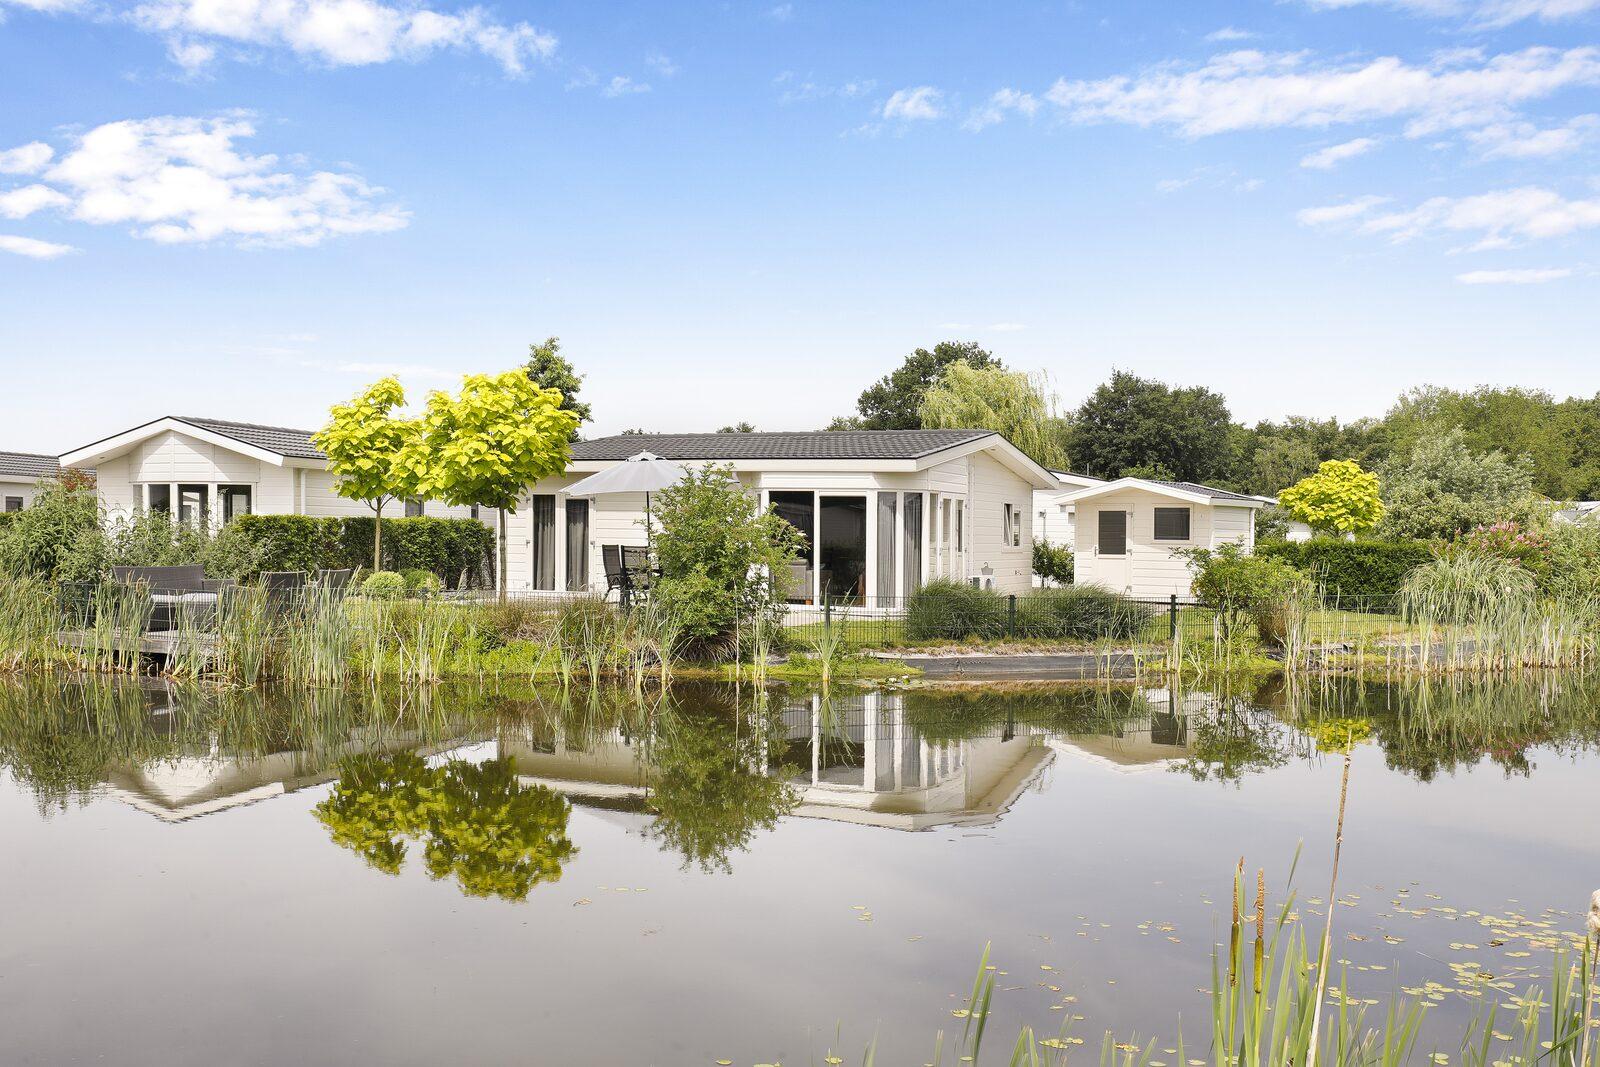 Holiday home near Harderwijk